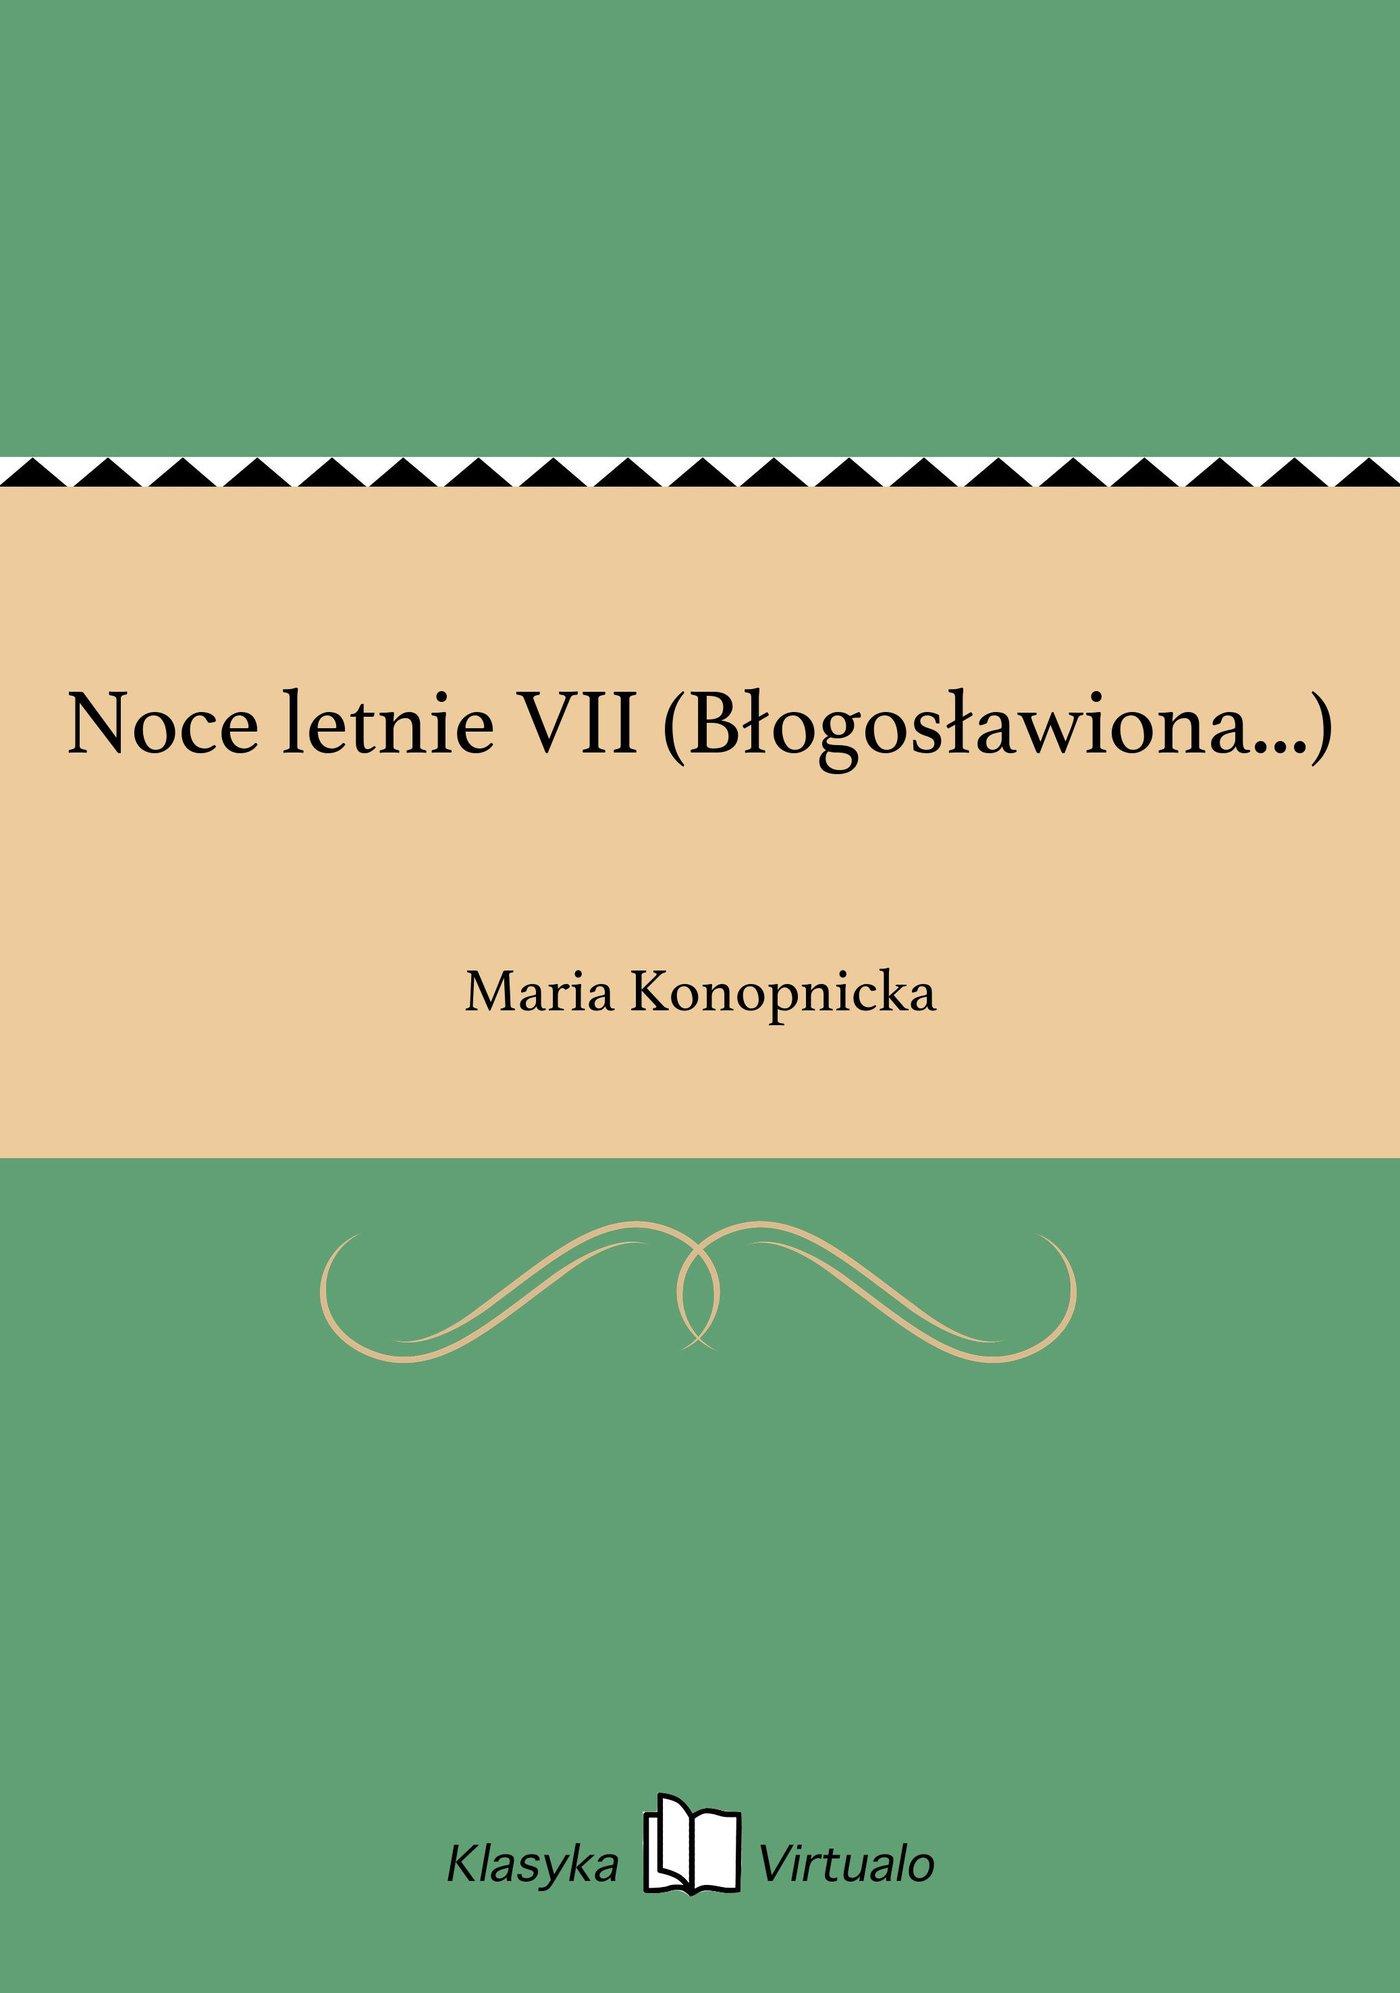 Noce letnie VII (Błogosławiona...) - Ebook (Książka EPUB) do pobrania w formacie EPUB